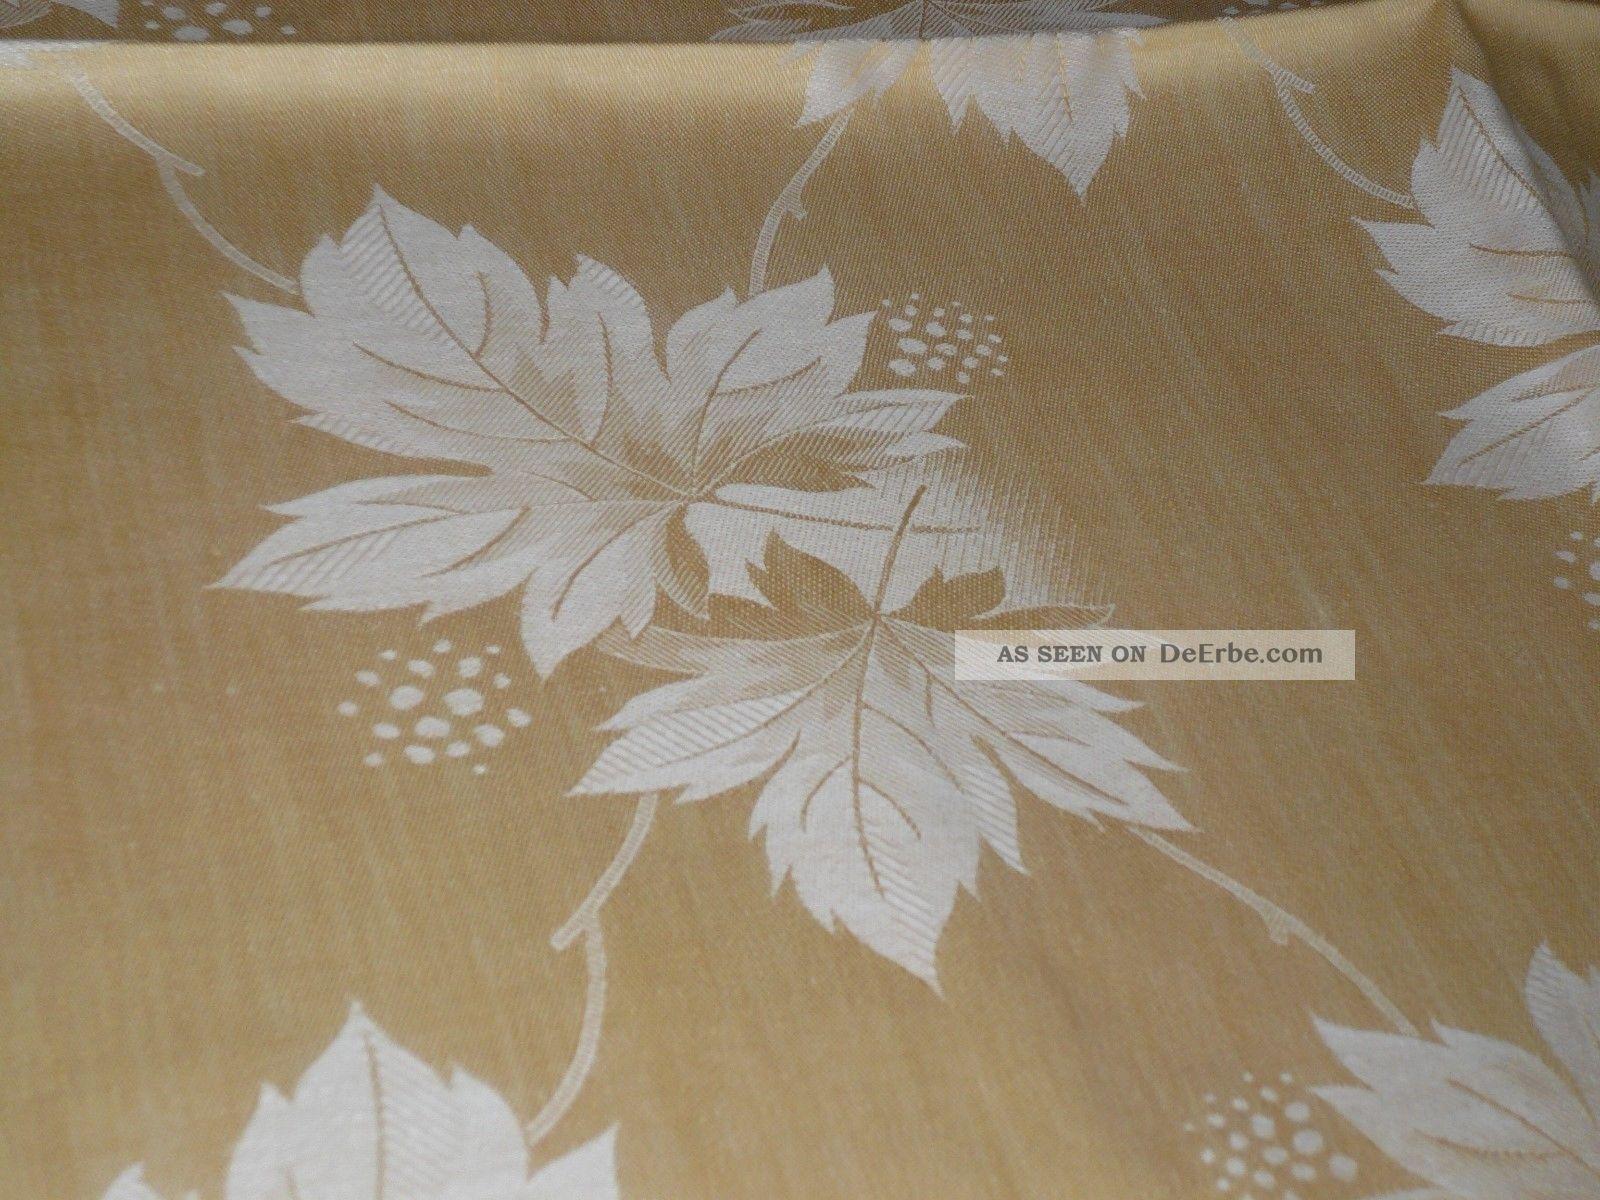 2 tgl mako mako damast blumen bettw sche witt weiden vintage unbenuzt. Black Bedroom Furniture Sets. Home Design Ideas